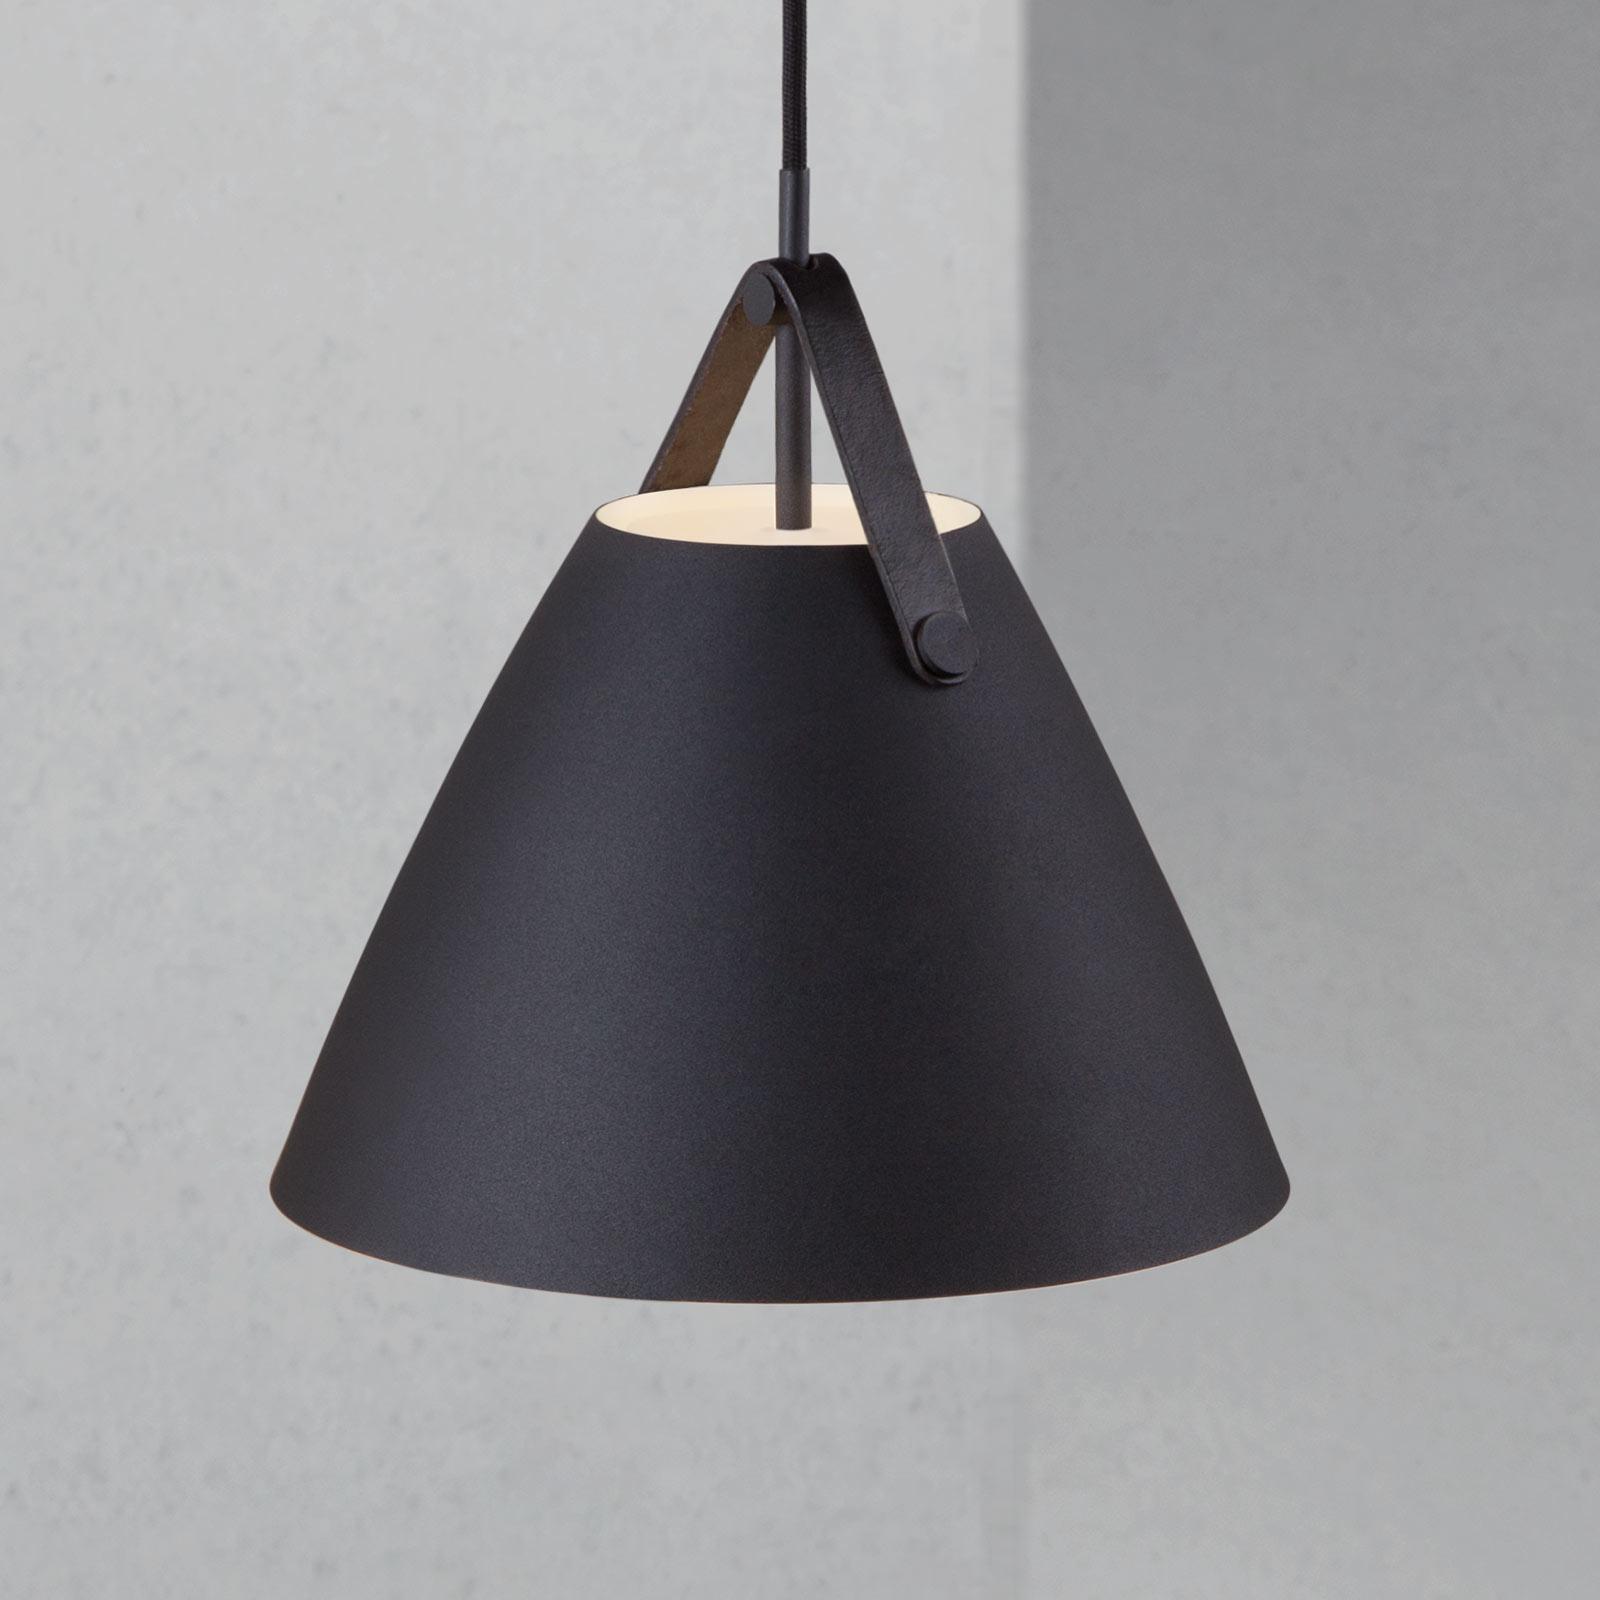 Lampa wisząca Strap czarna, Ø 27 cm